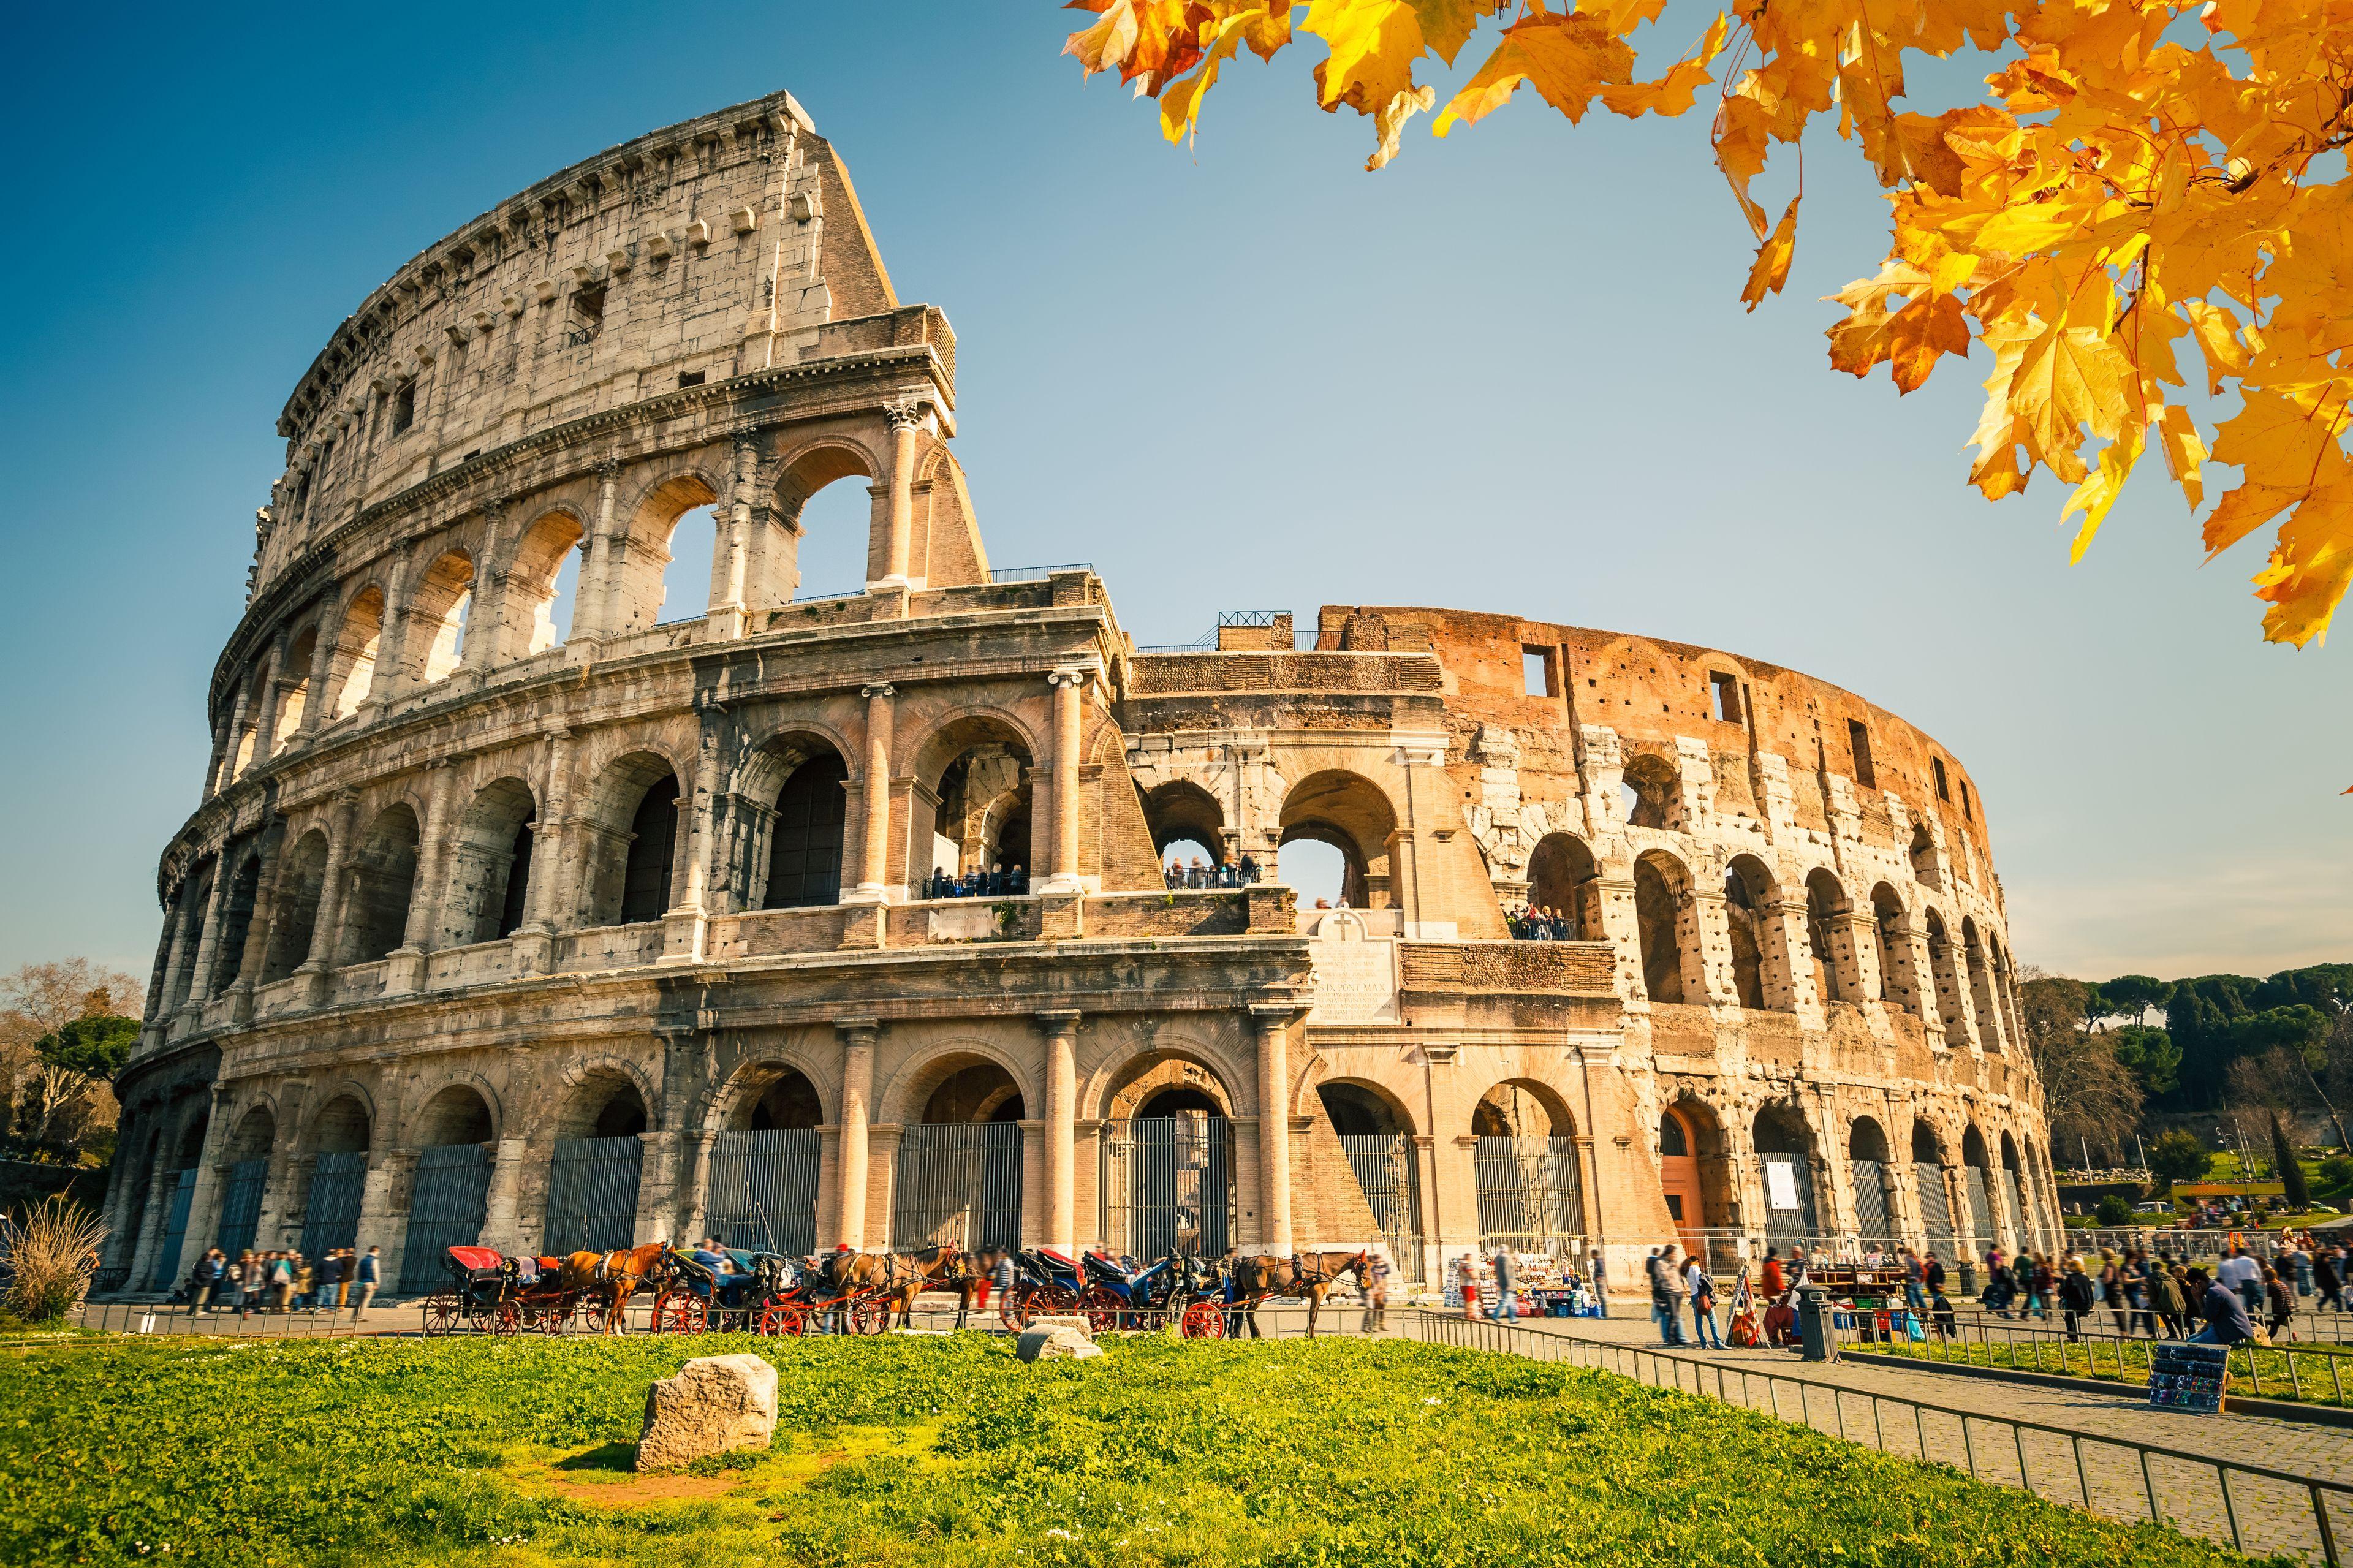 colosseum-rome_152683118.jpg